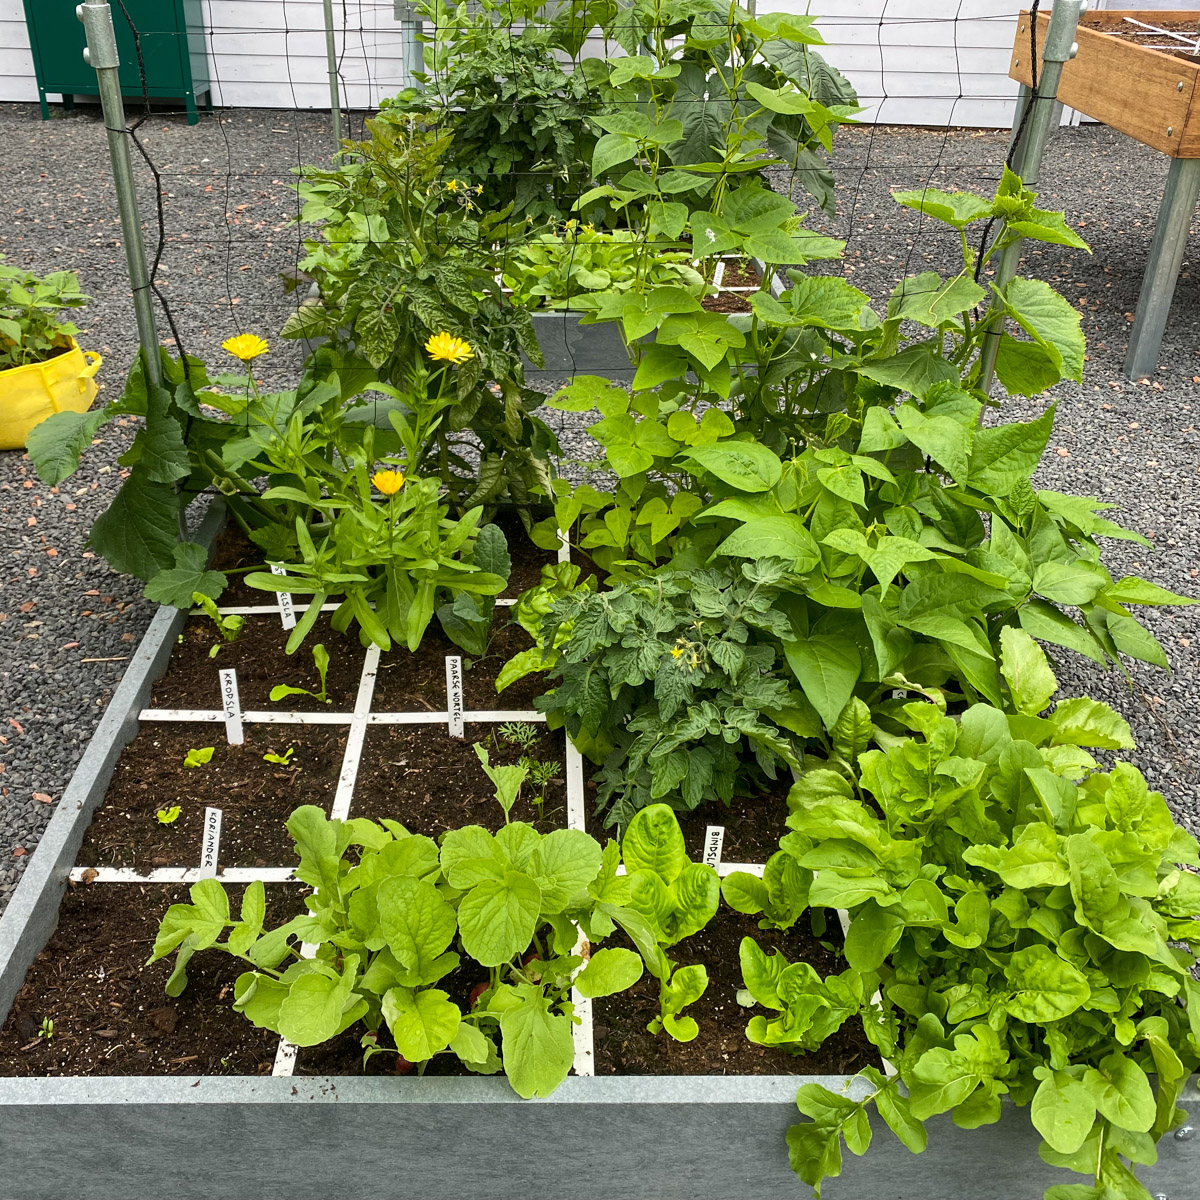 blog-july:-summer-in-the-veg-garden10.jpg